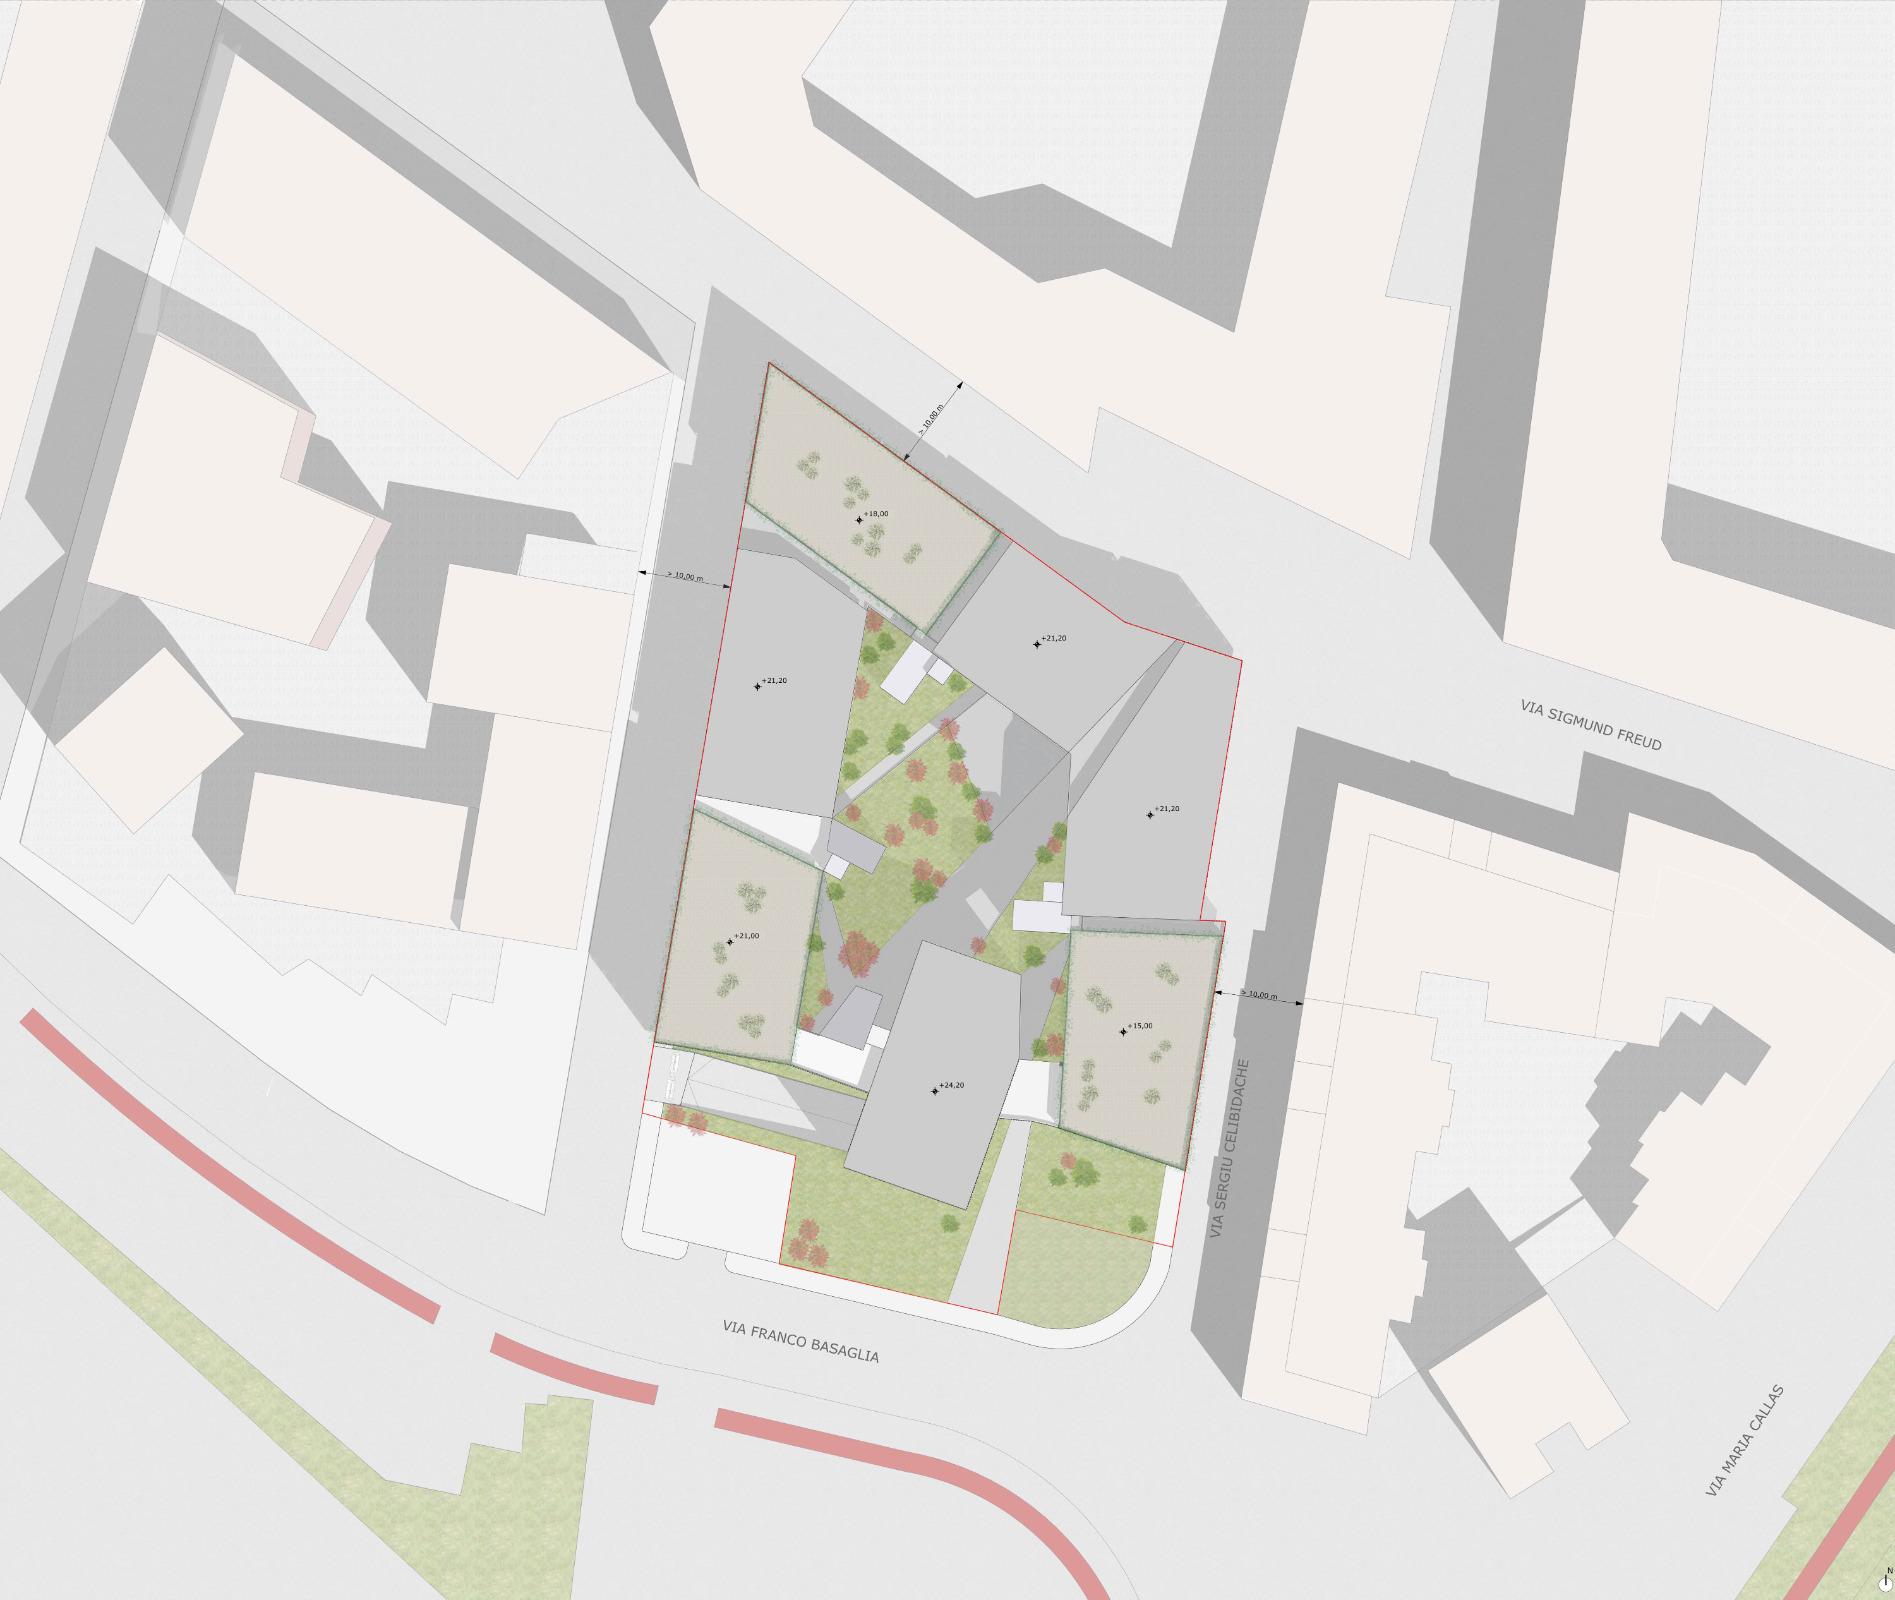 Lazzaretto - planimetria di progetto